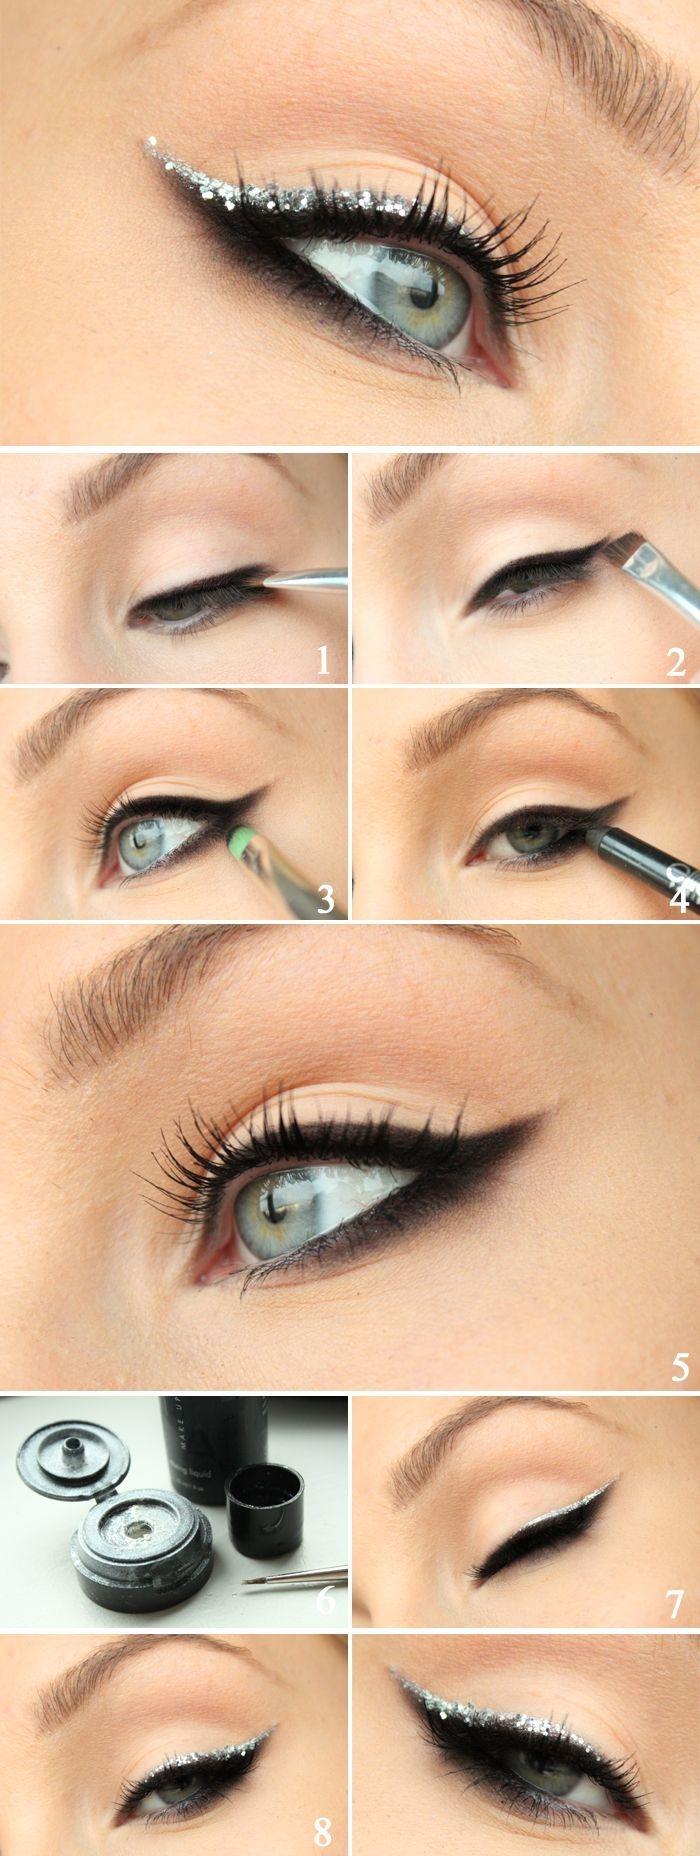 tuto maquillage teint, comment appliquer eye-liner noir avec ligne brillante, maquillage yeux verts avec mascara noir volume